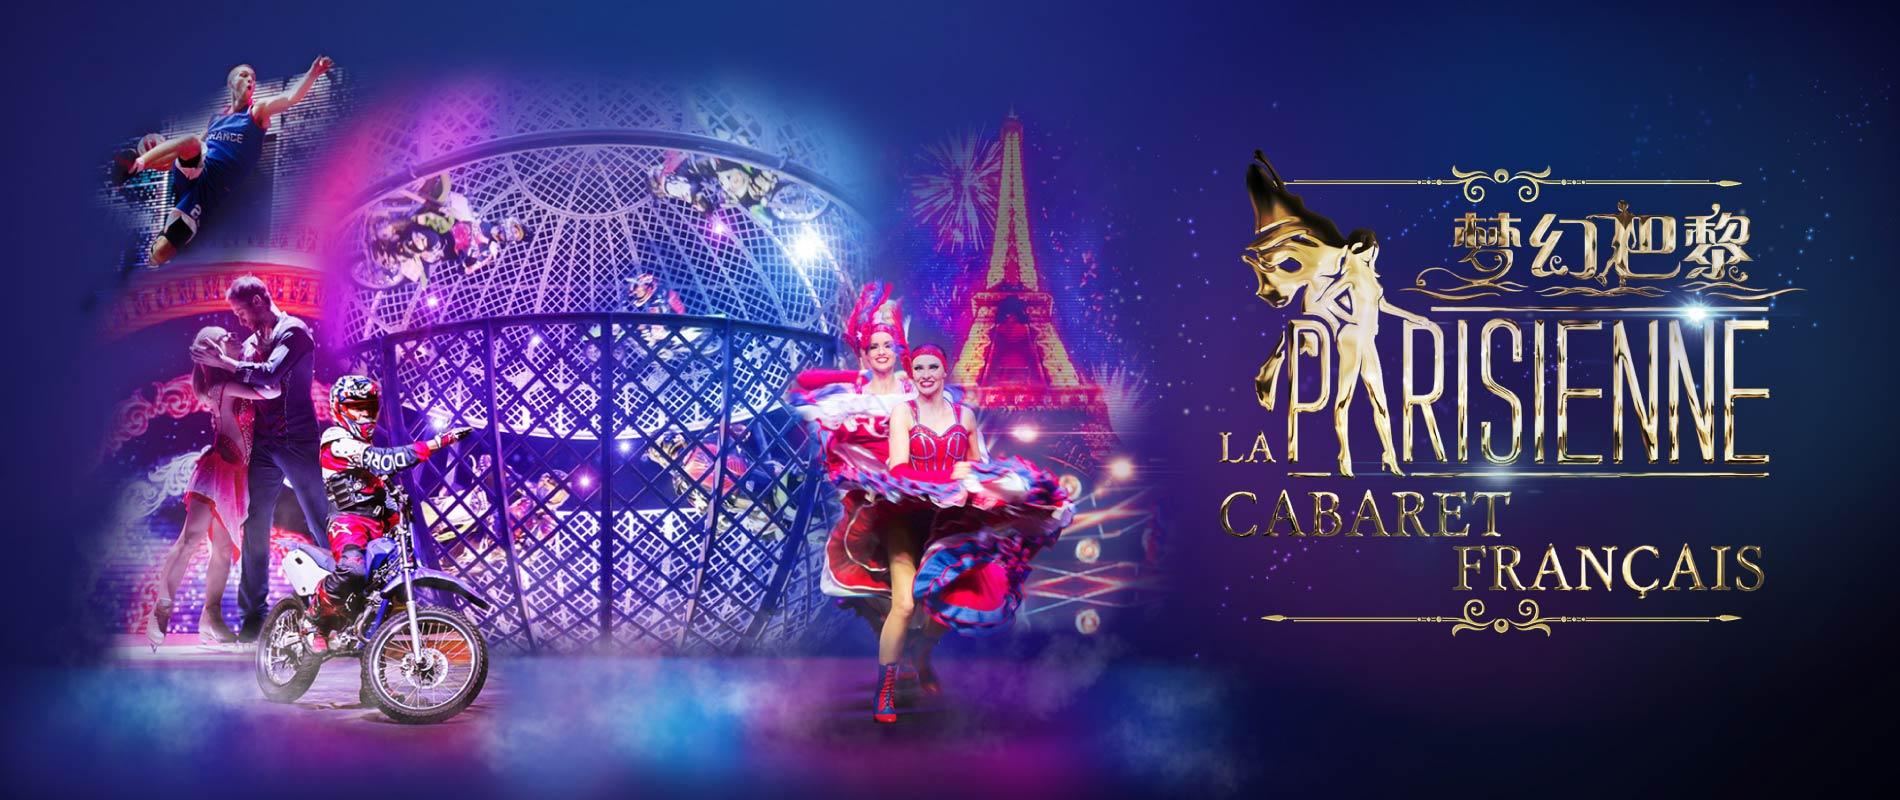 La Parisienne - Cabaret Francaise